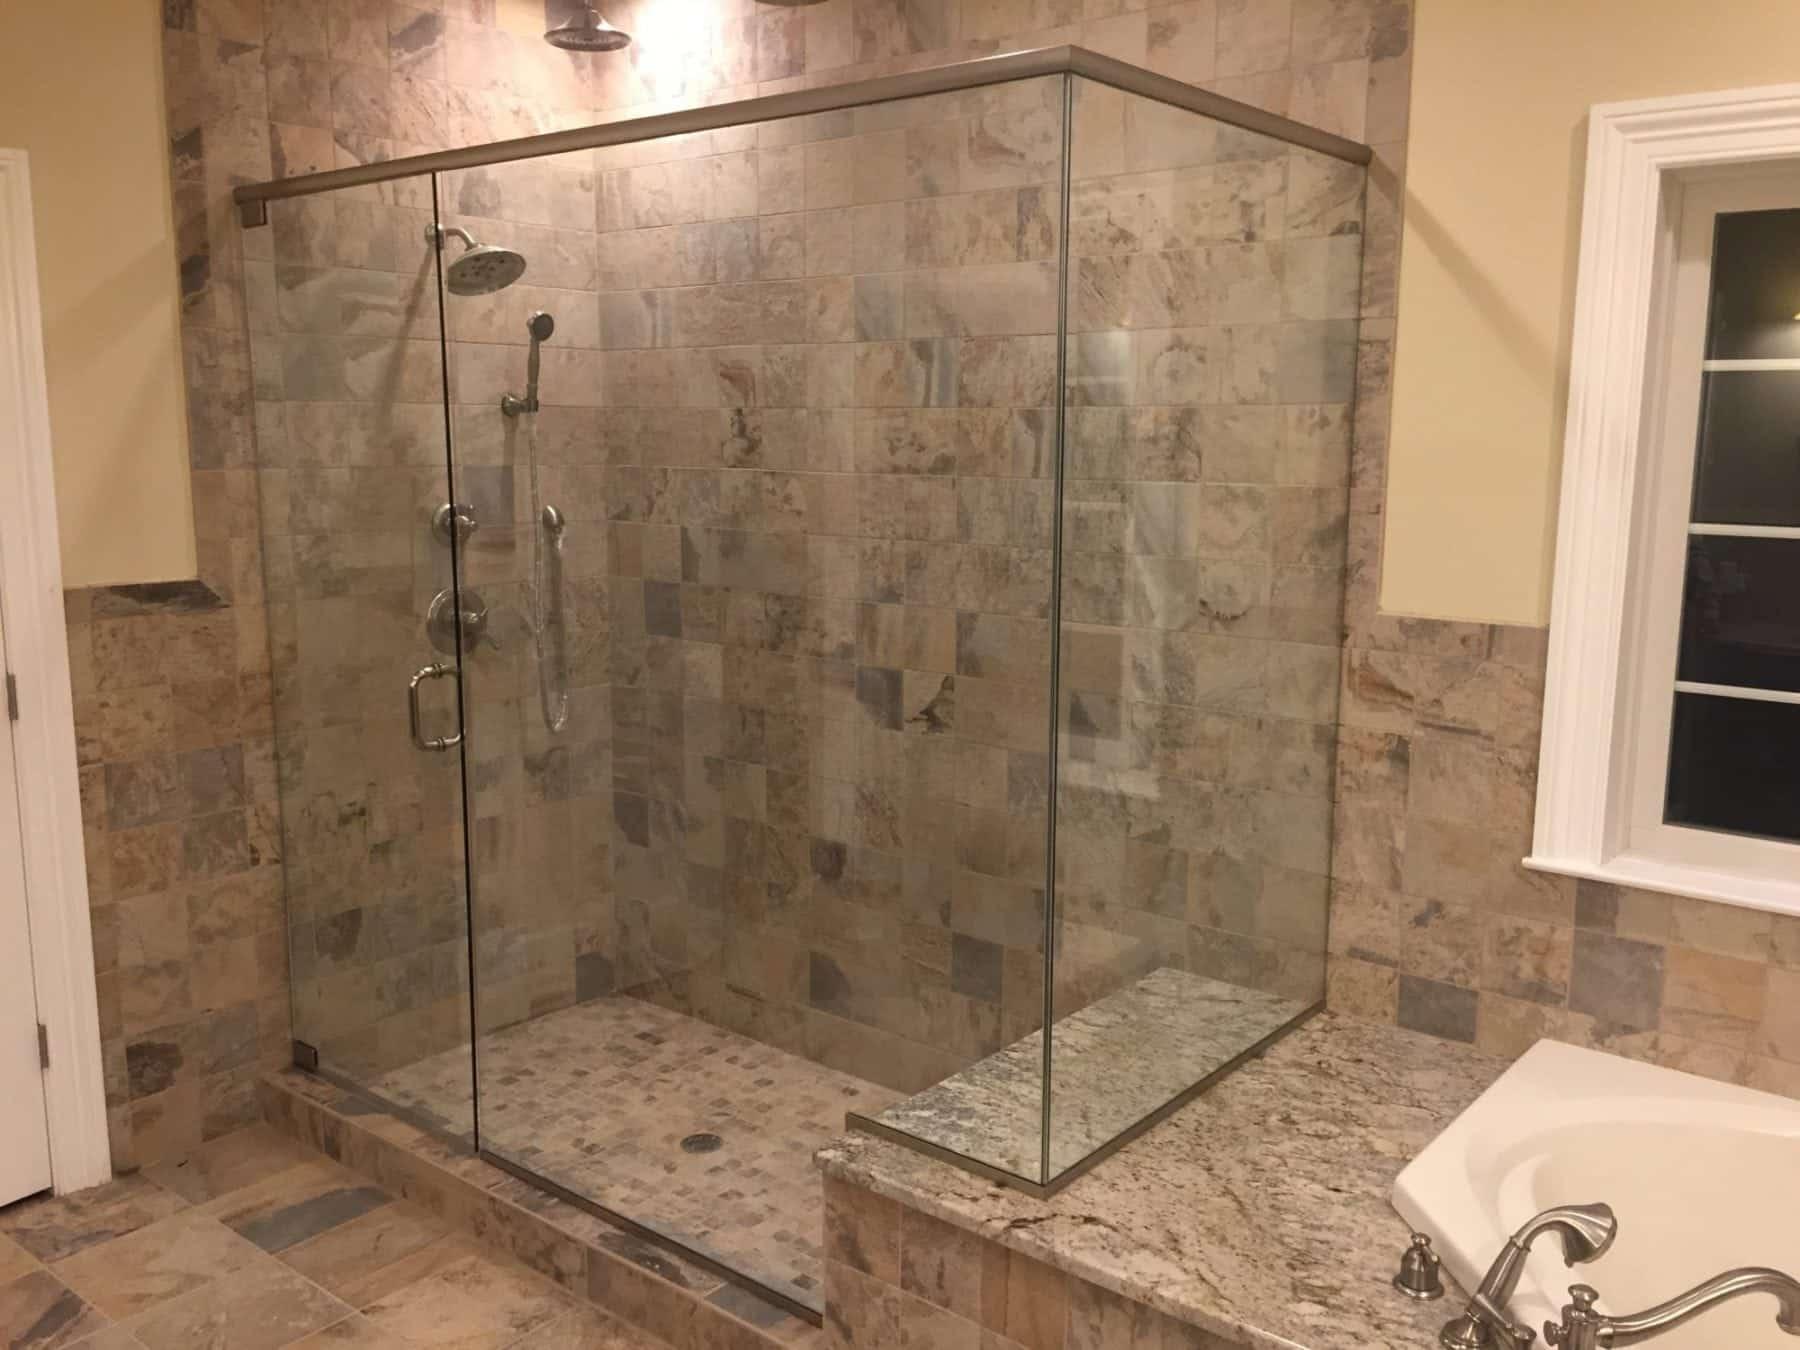 Frameless Shower Corner Enclosure with Header, Notched for Tub Deck ...